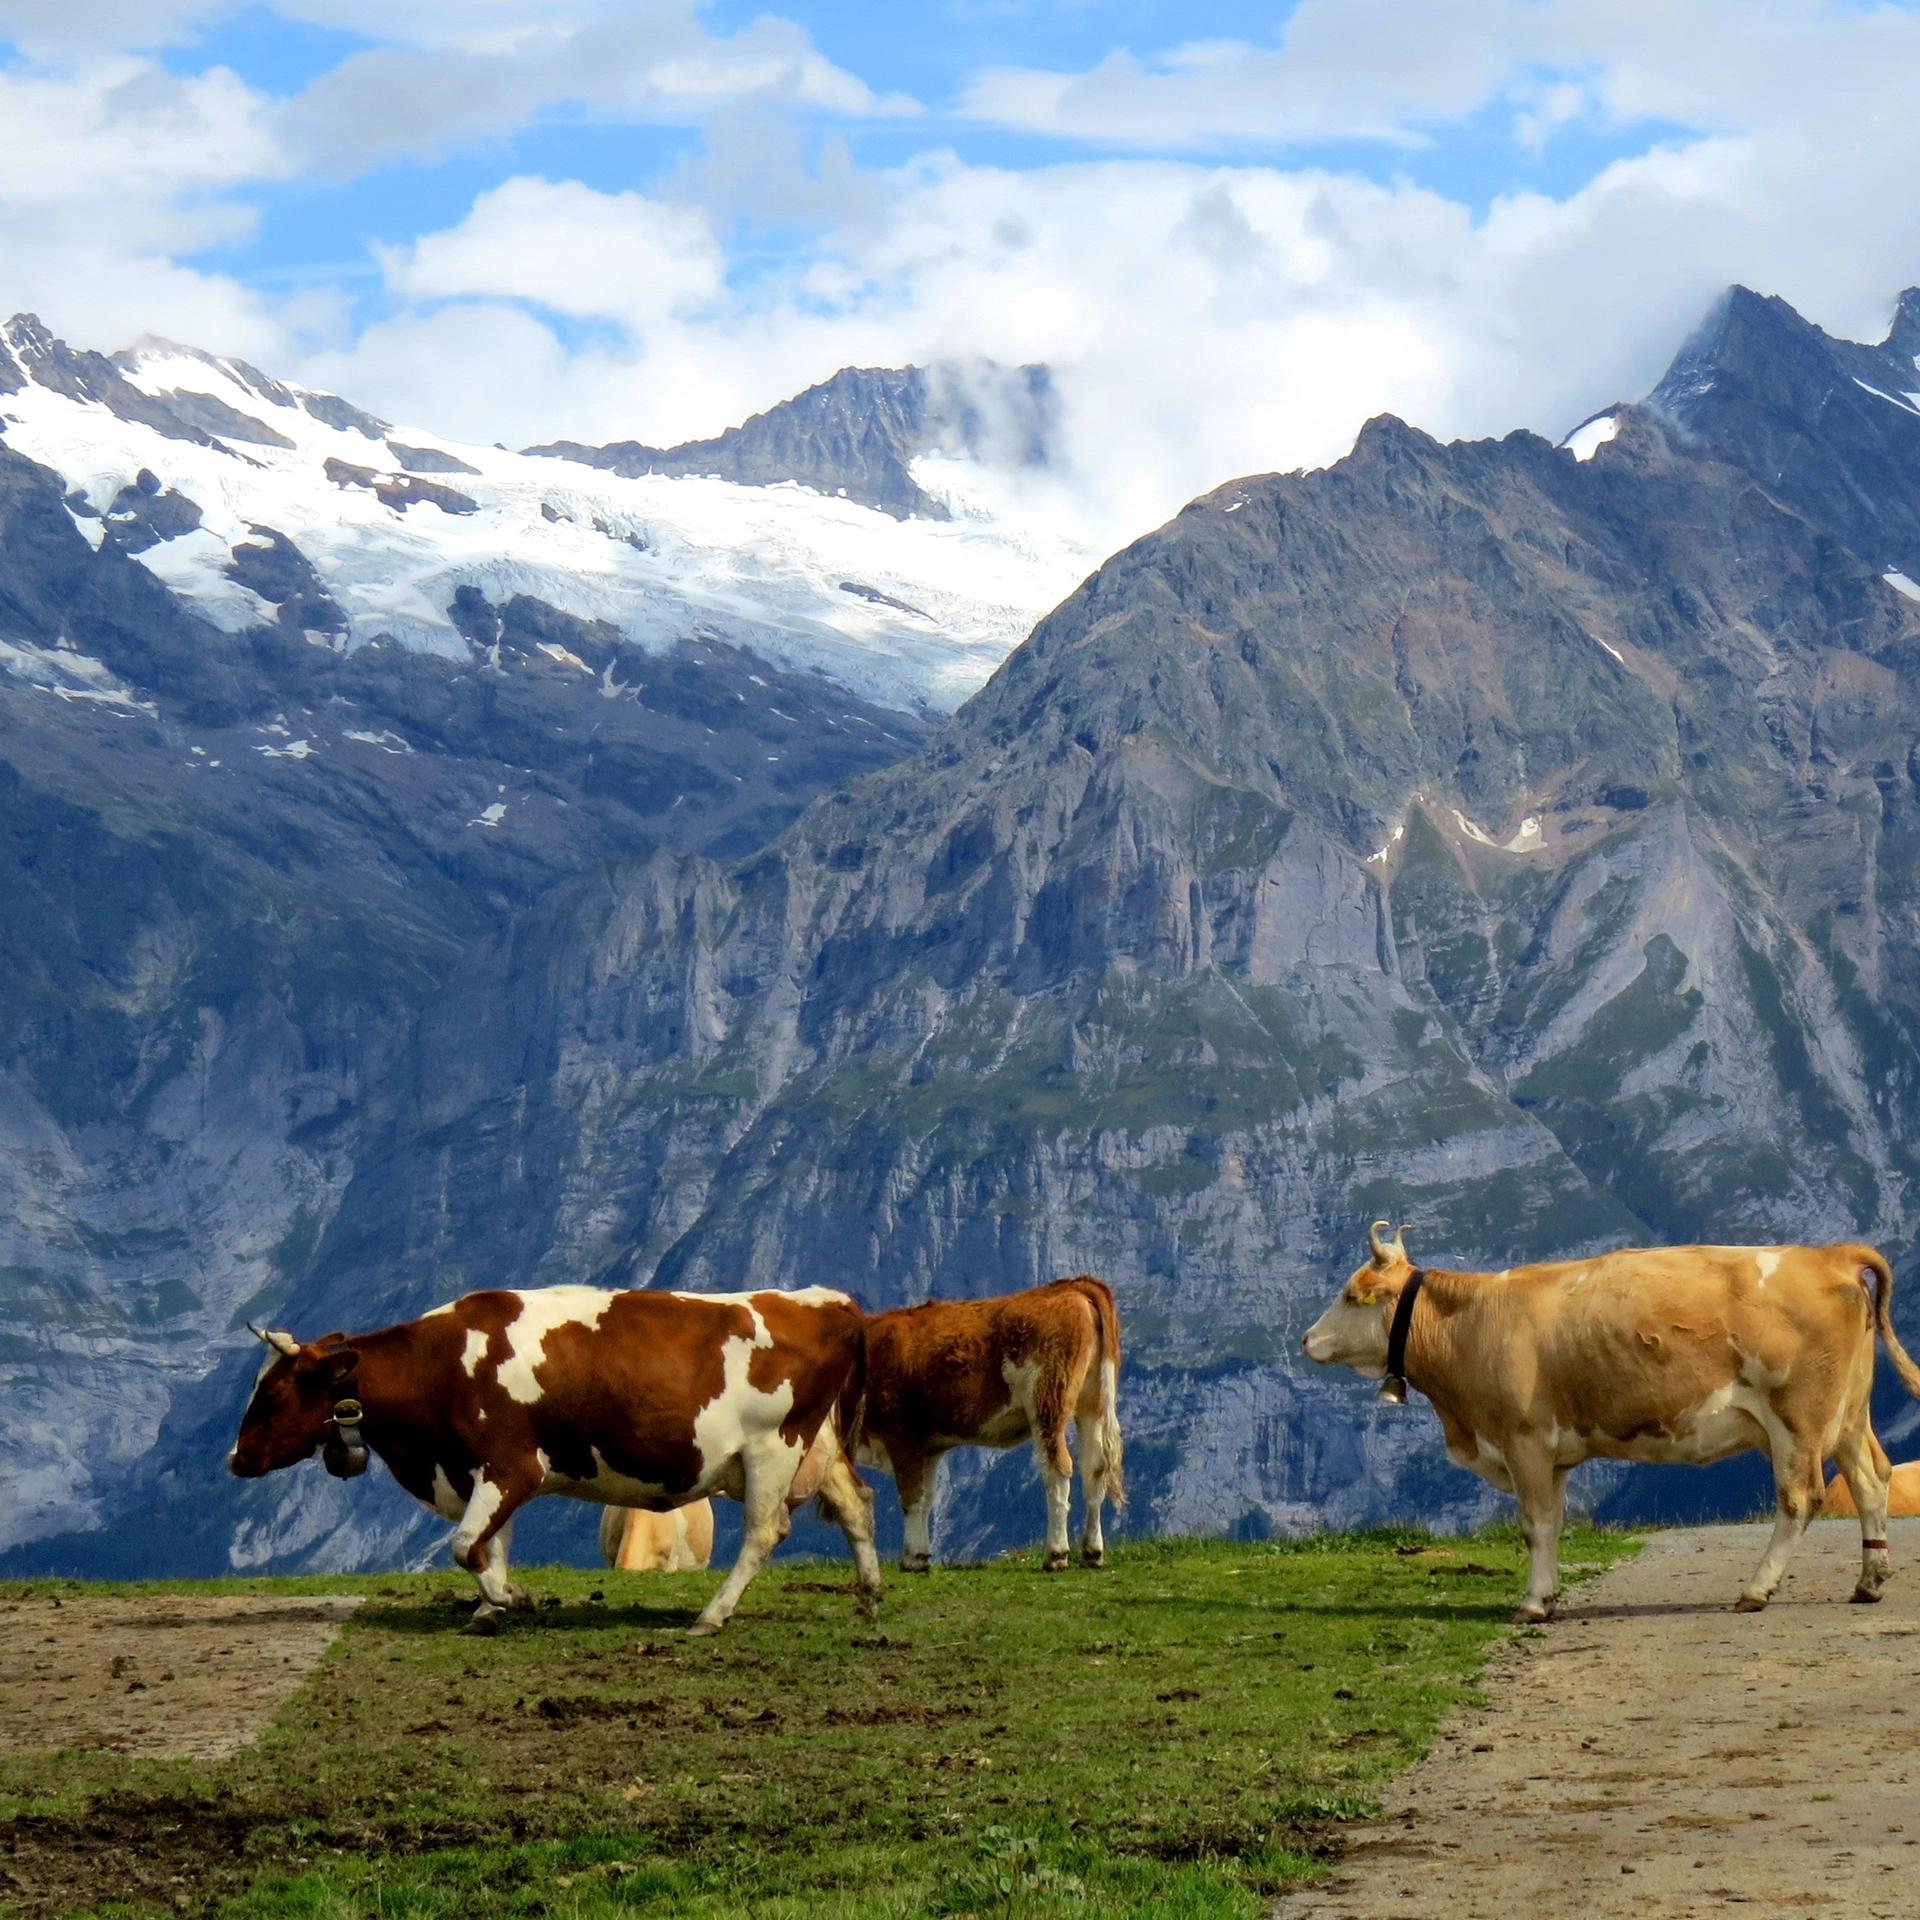 瑞士,少女峰,策馬特,馬特洪峰,蘇黎世,火車